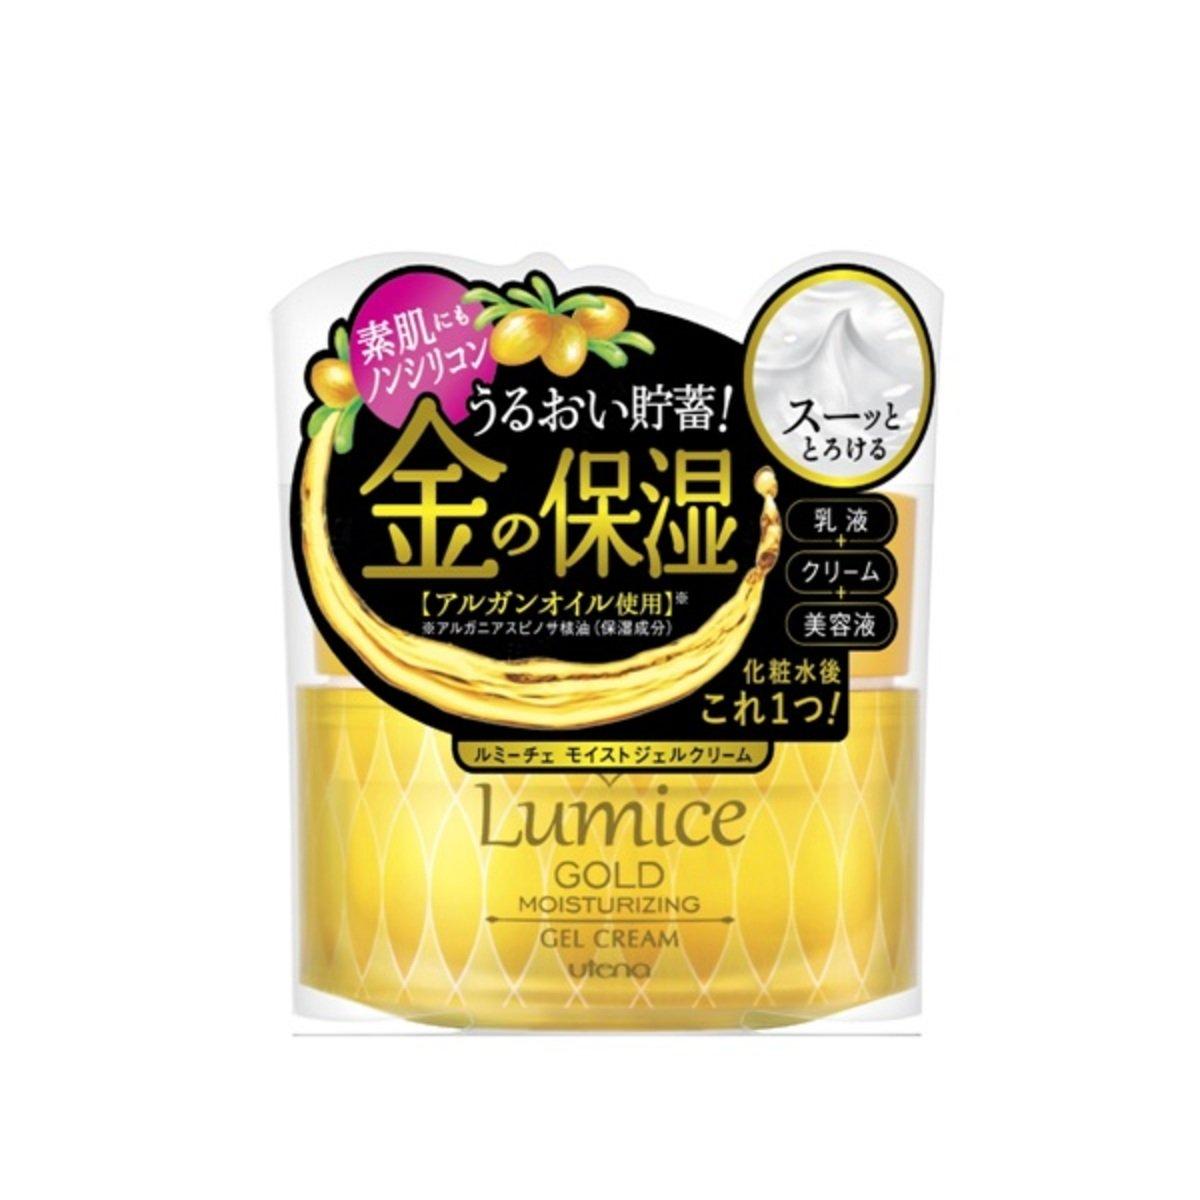 Lumice黃金堅果保濕凝膠乳霜